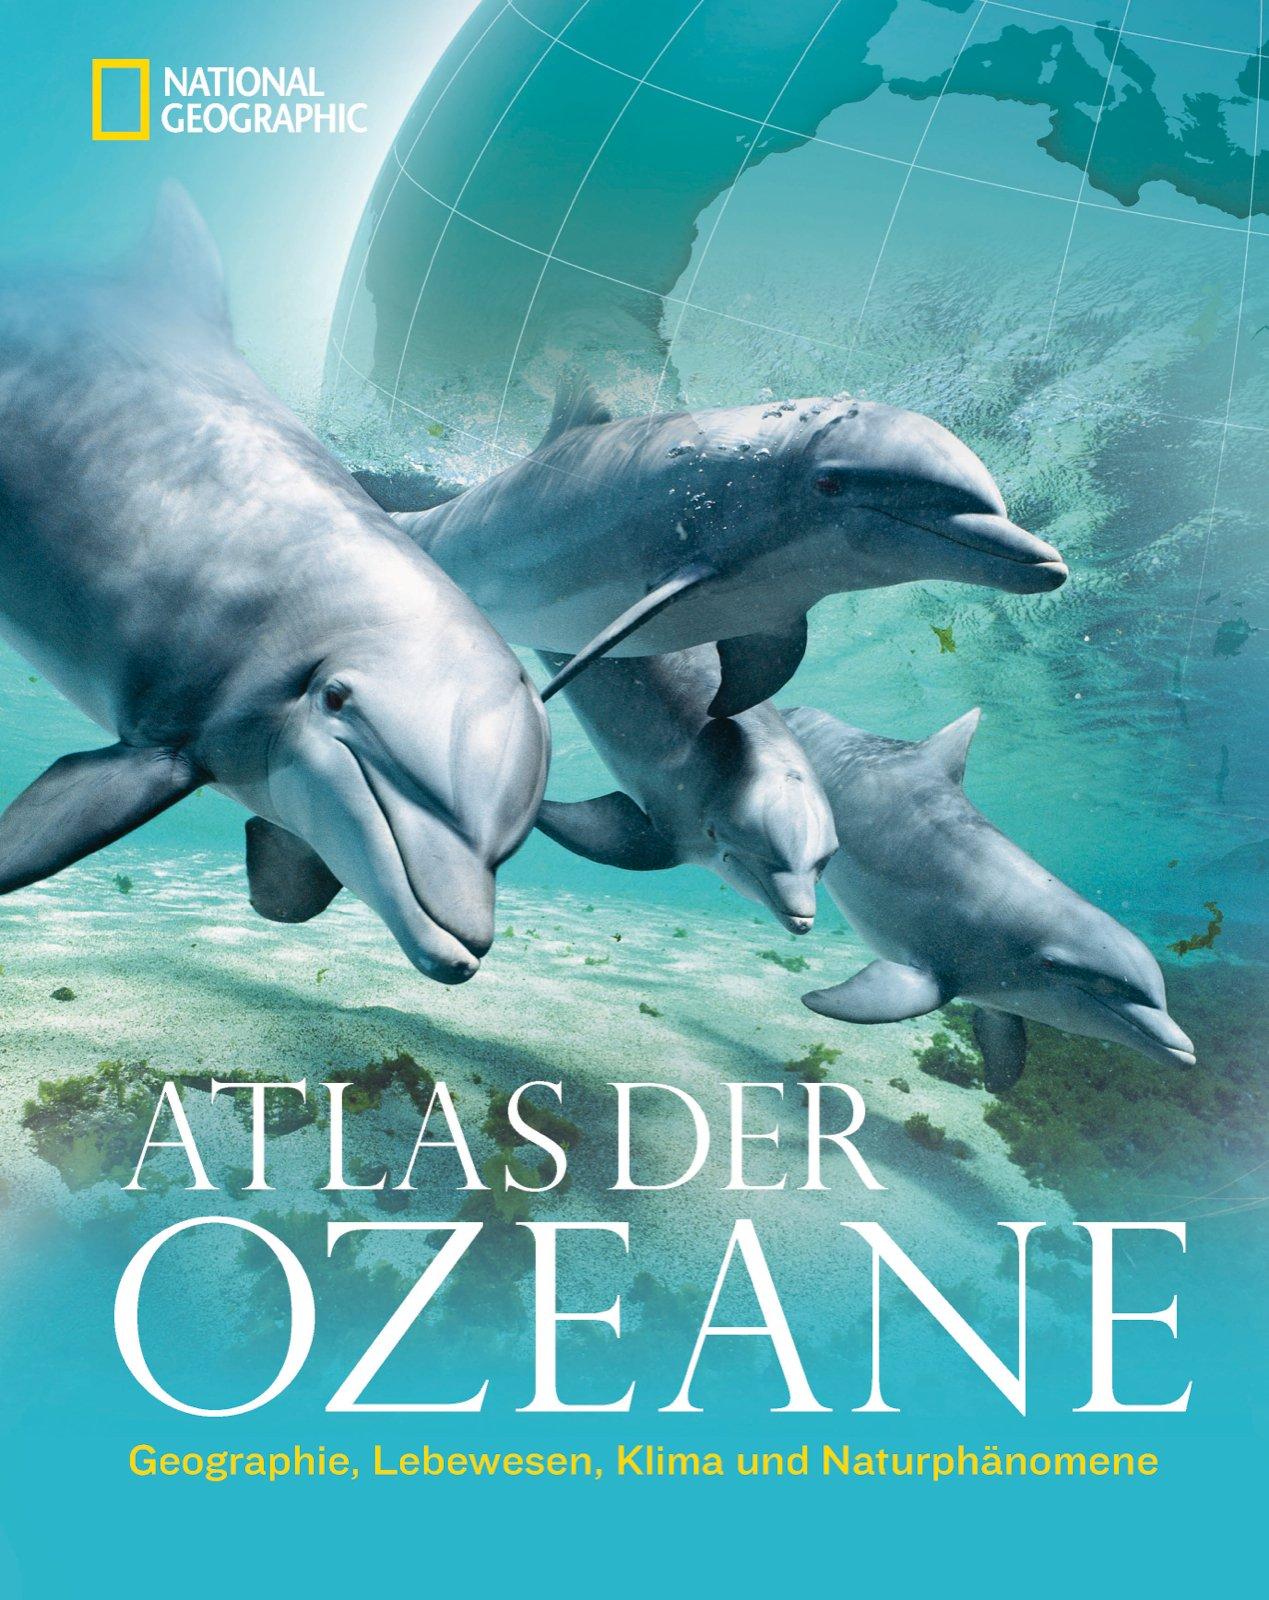 Atlas der Ozeane: Geographie, Lebewesen, Klima und Naturphänomene